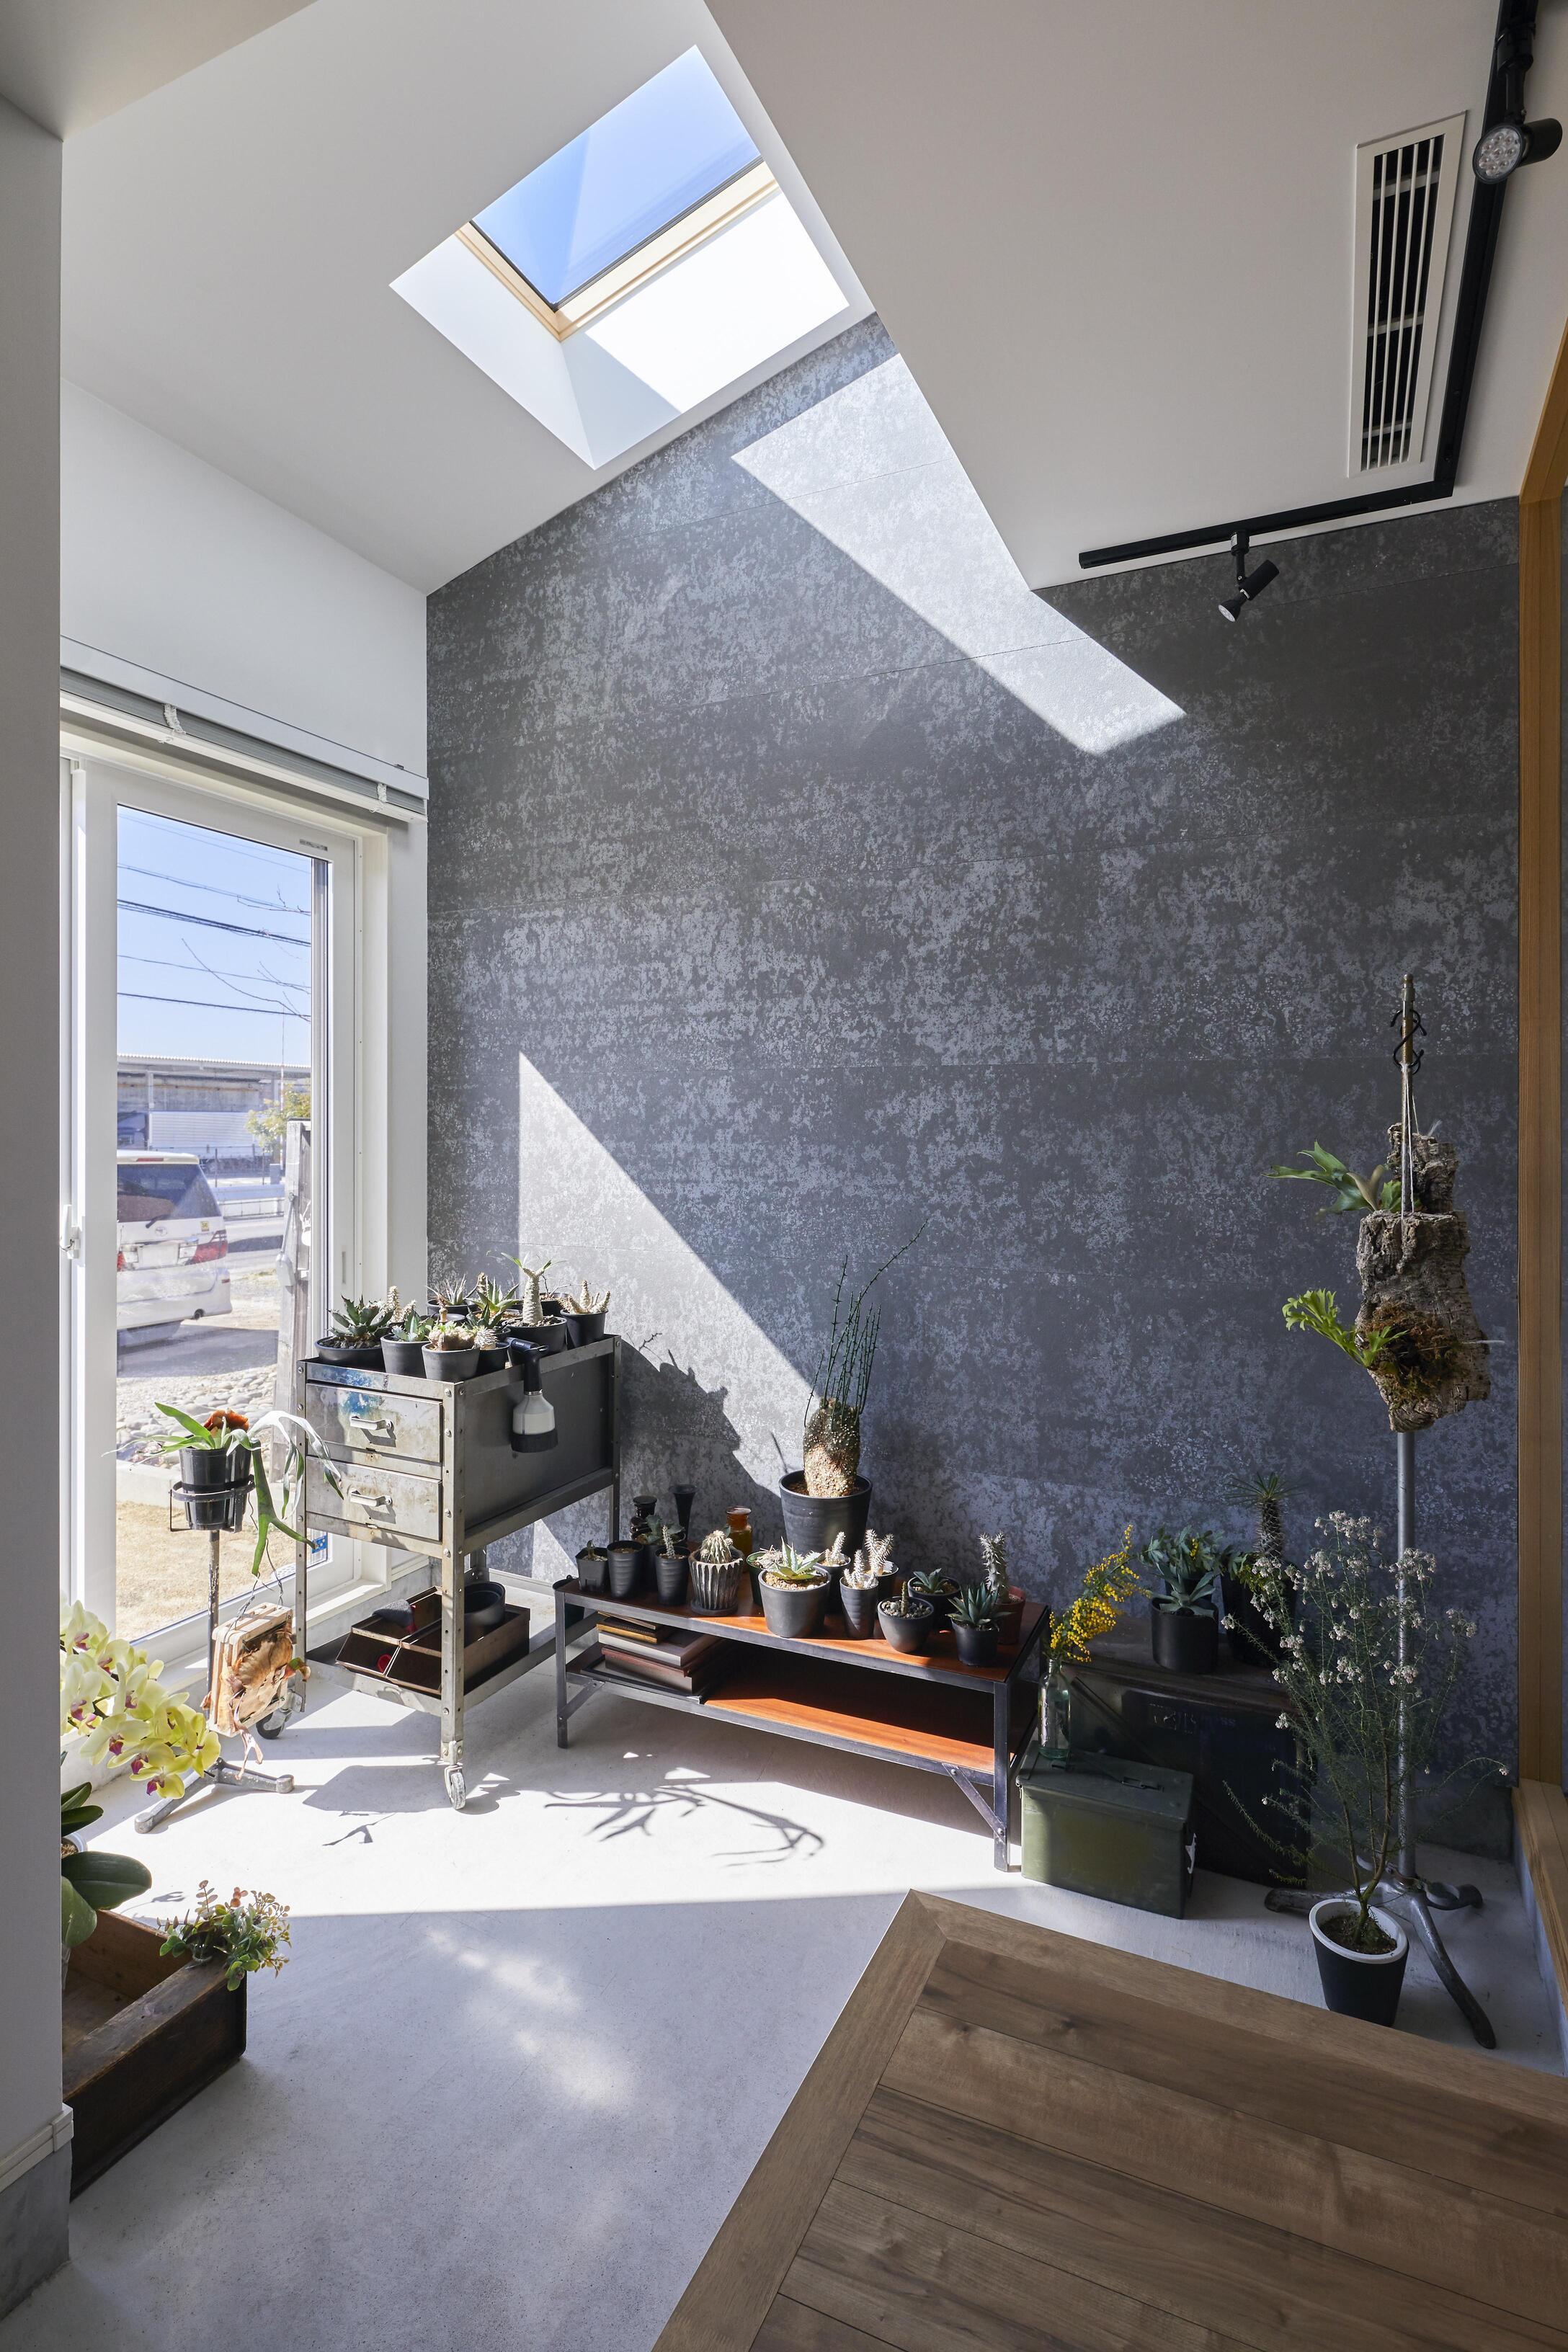 植物好きなご主人が趣味を愉しめるように玄関に植物菜園スペースをご用意。天窓から明るい光が差し込んでいる